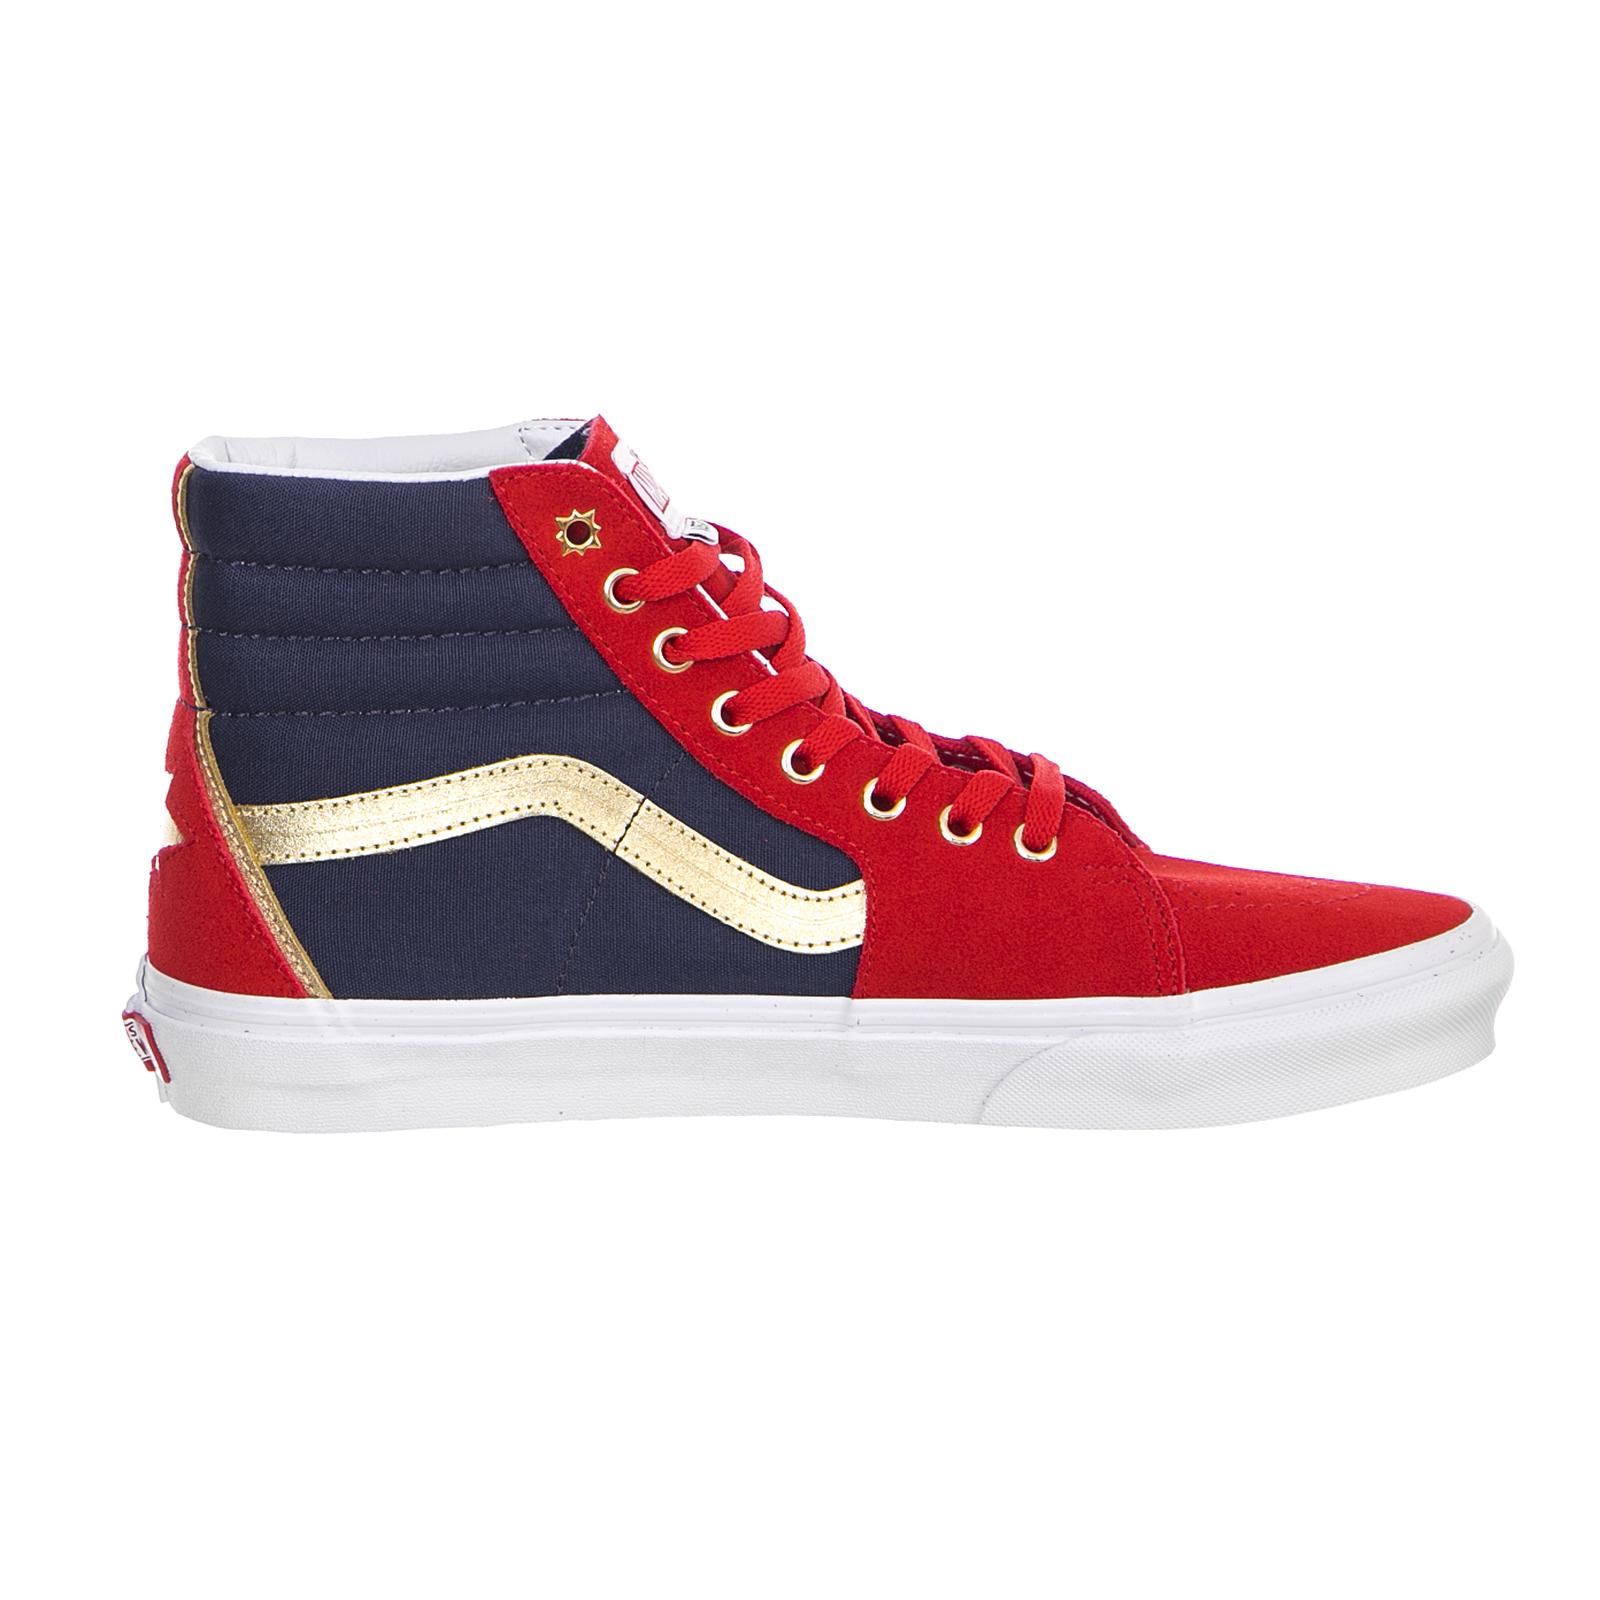 a034c8f7807 Vans Sneakers Ua Sk8-Hi (Marvel) Cap Rosso 2 2 di 6 ...